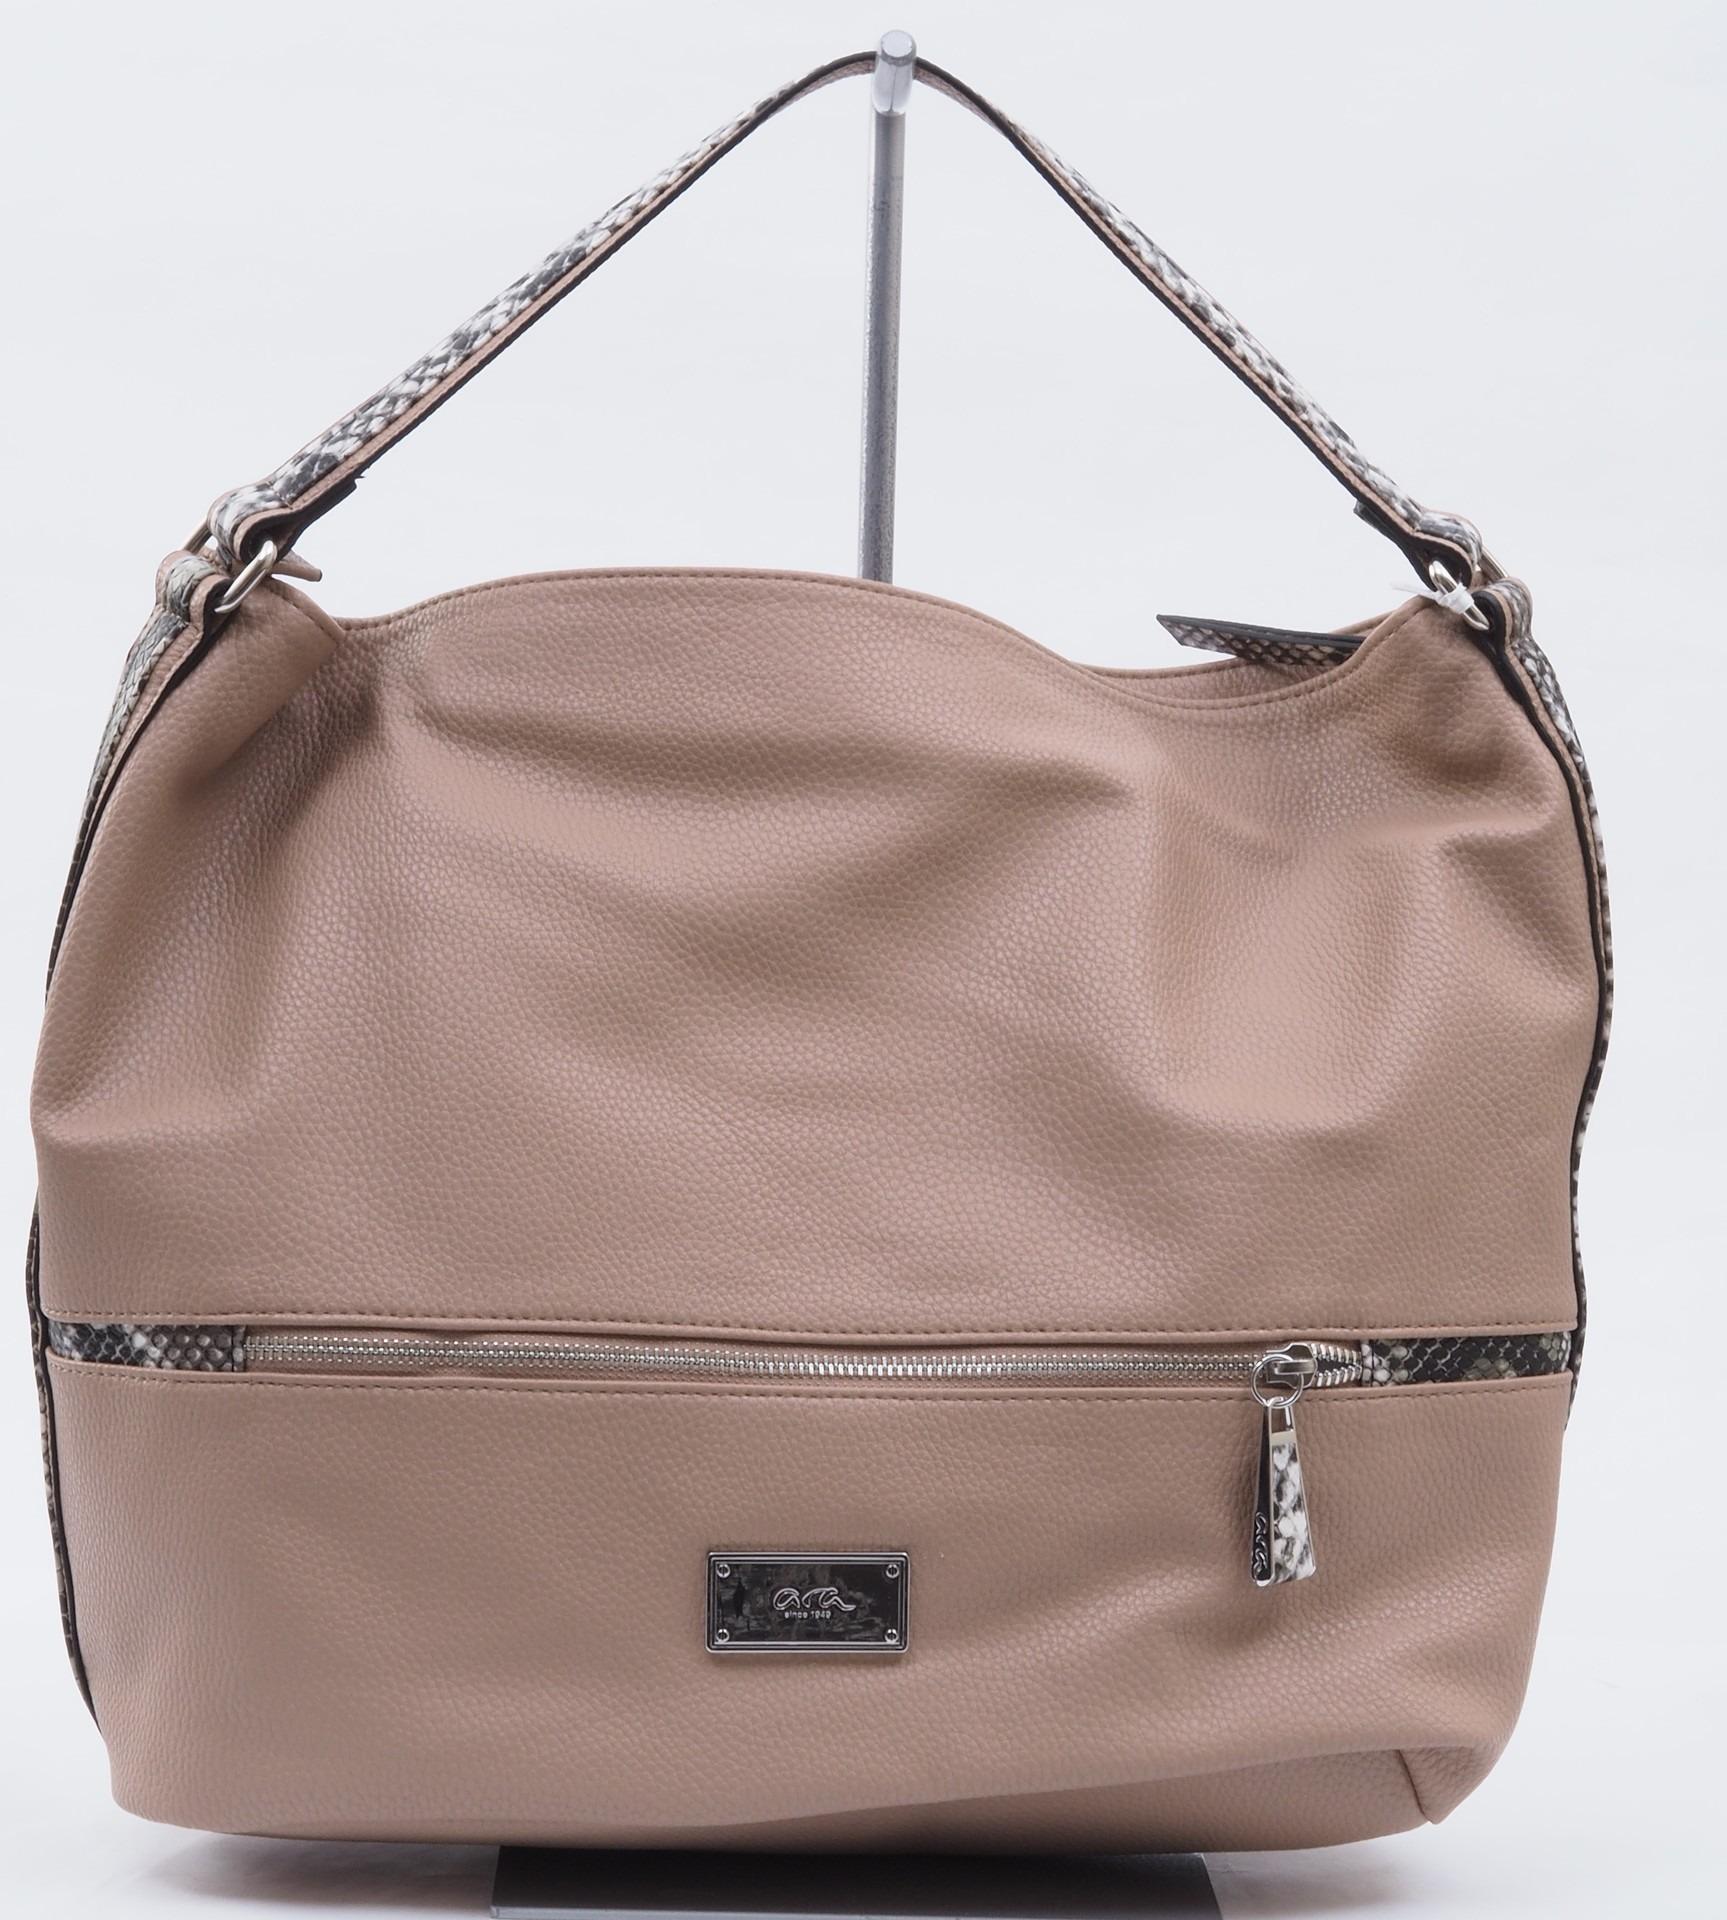 ARA - Dámske kabelky - Dámska kabelka cez plece béžová 27a29ffaacd